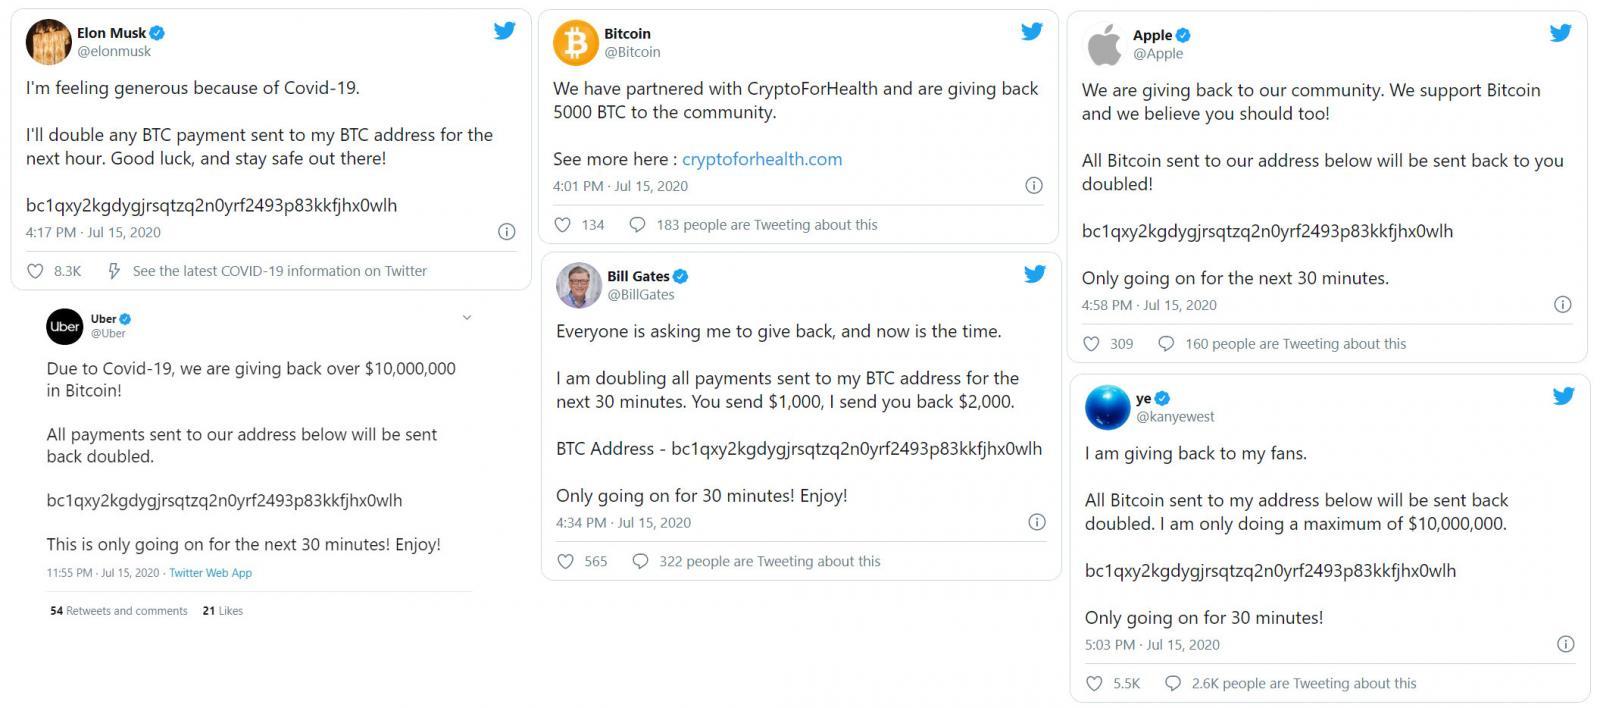 Самая масштабная атака в истории Twitter: взломаны аккаунты звезд, компаний и криптовалютных бирж